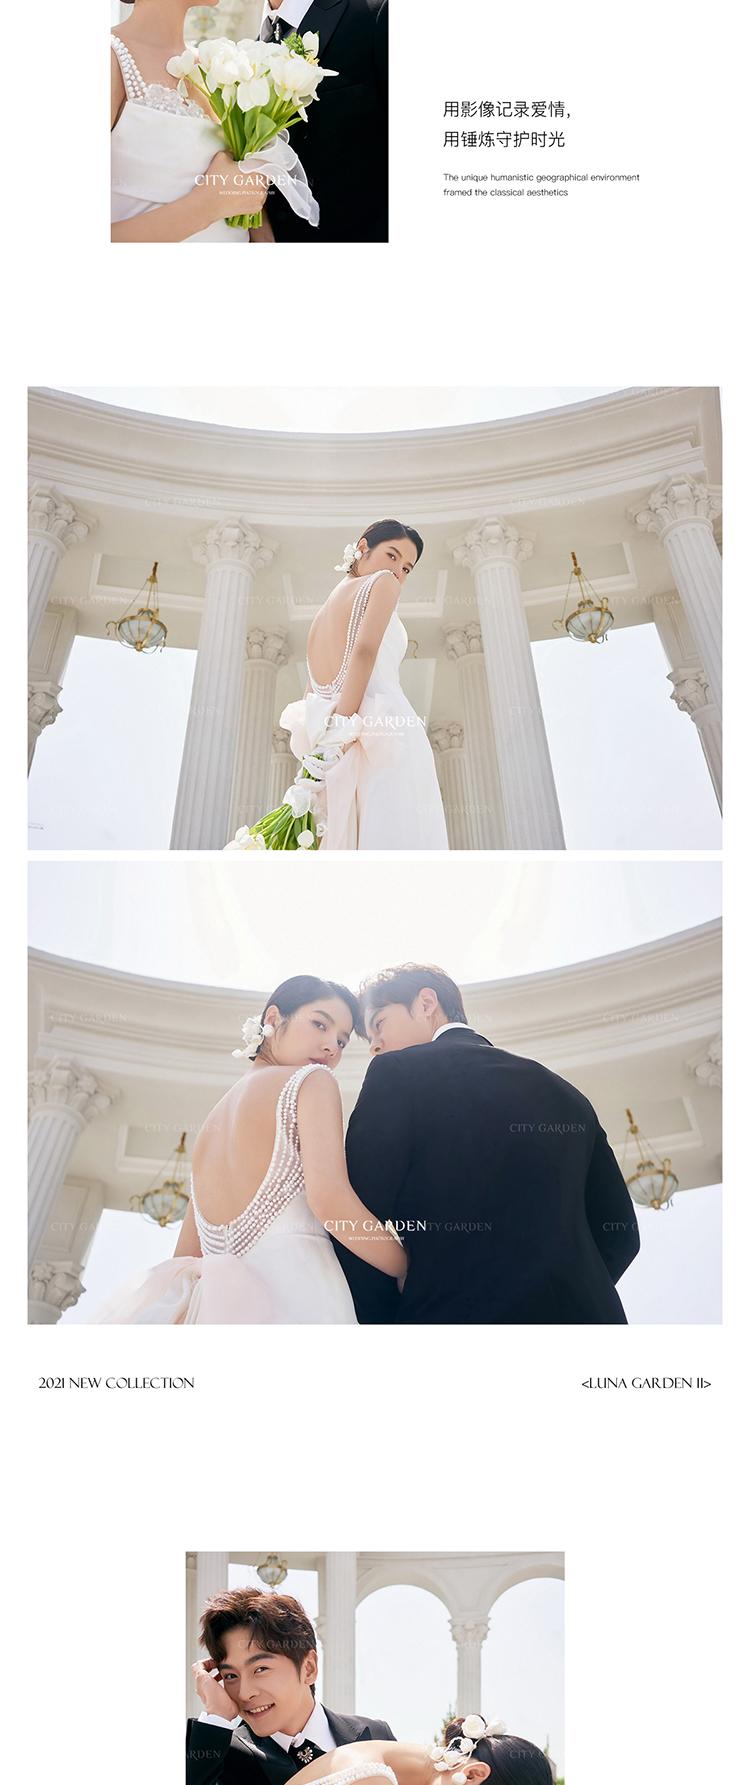 婚纱照风格7.jpg